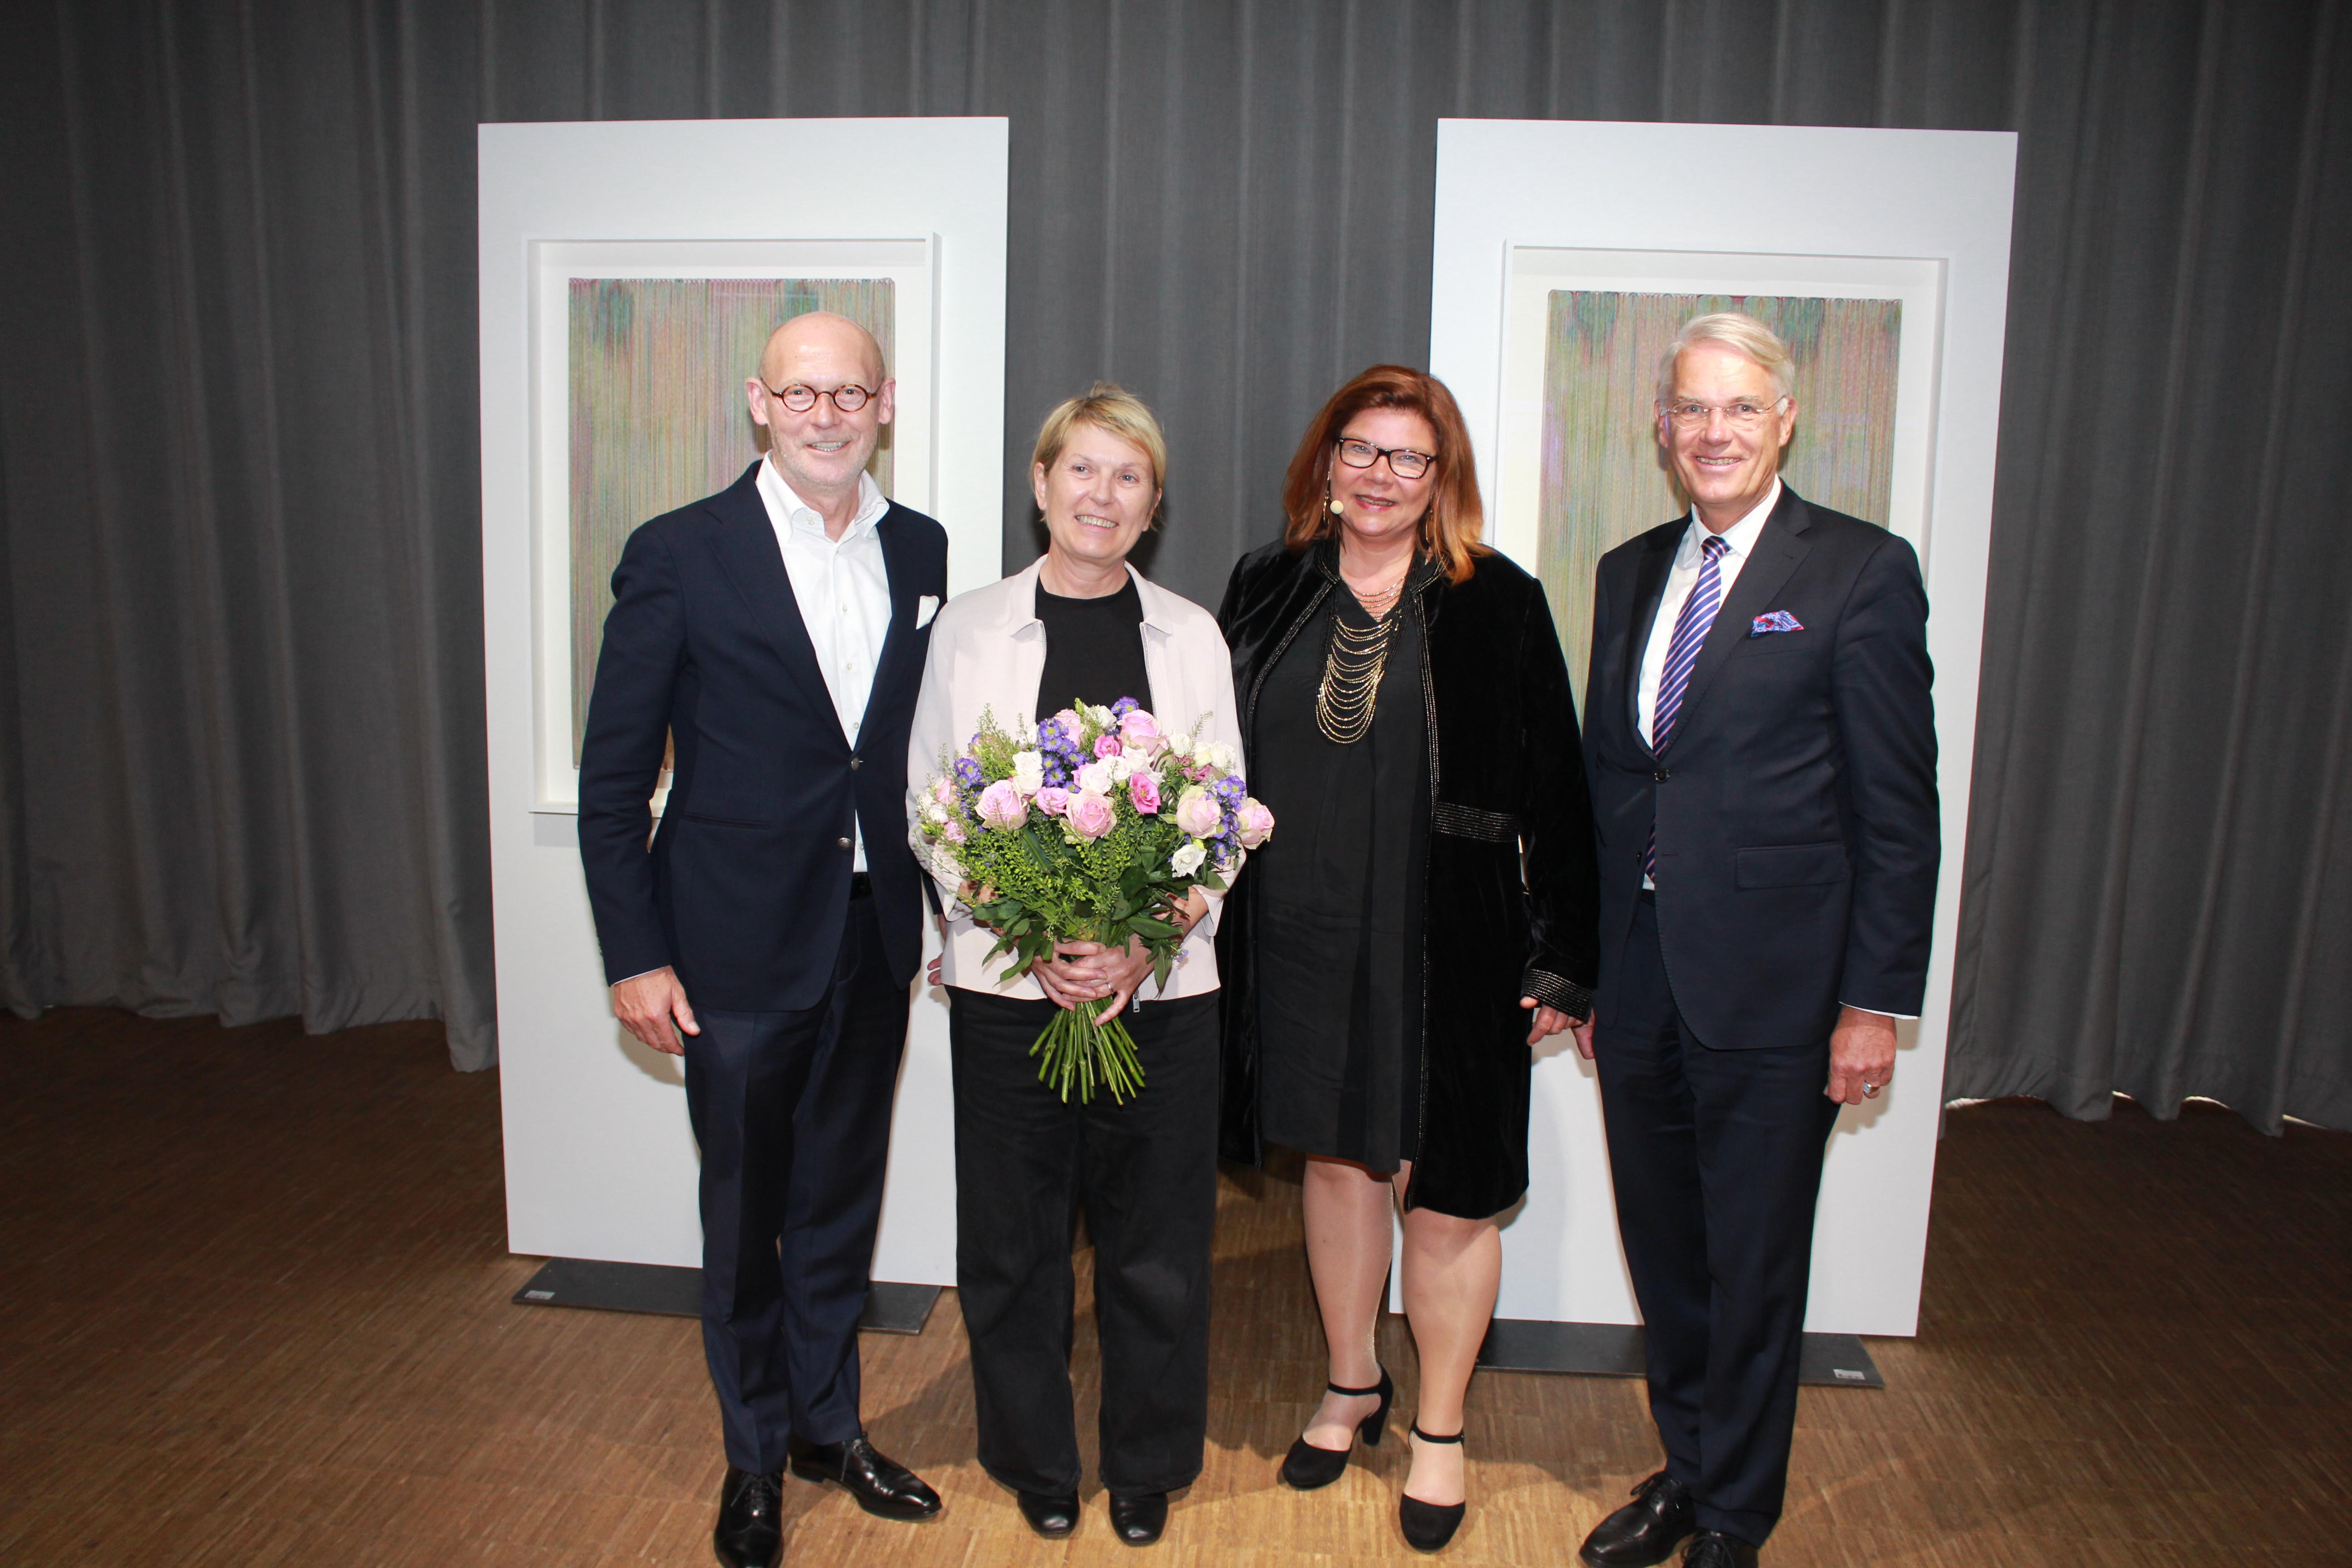 pm -Edith Dekynd (2.v.l.) nahm den Kunstpreis aus den Händen von (v.l.) Michael Westhagemann Ina Günther und Georg Mecke entgegen.